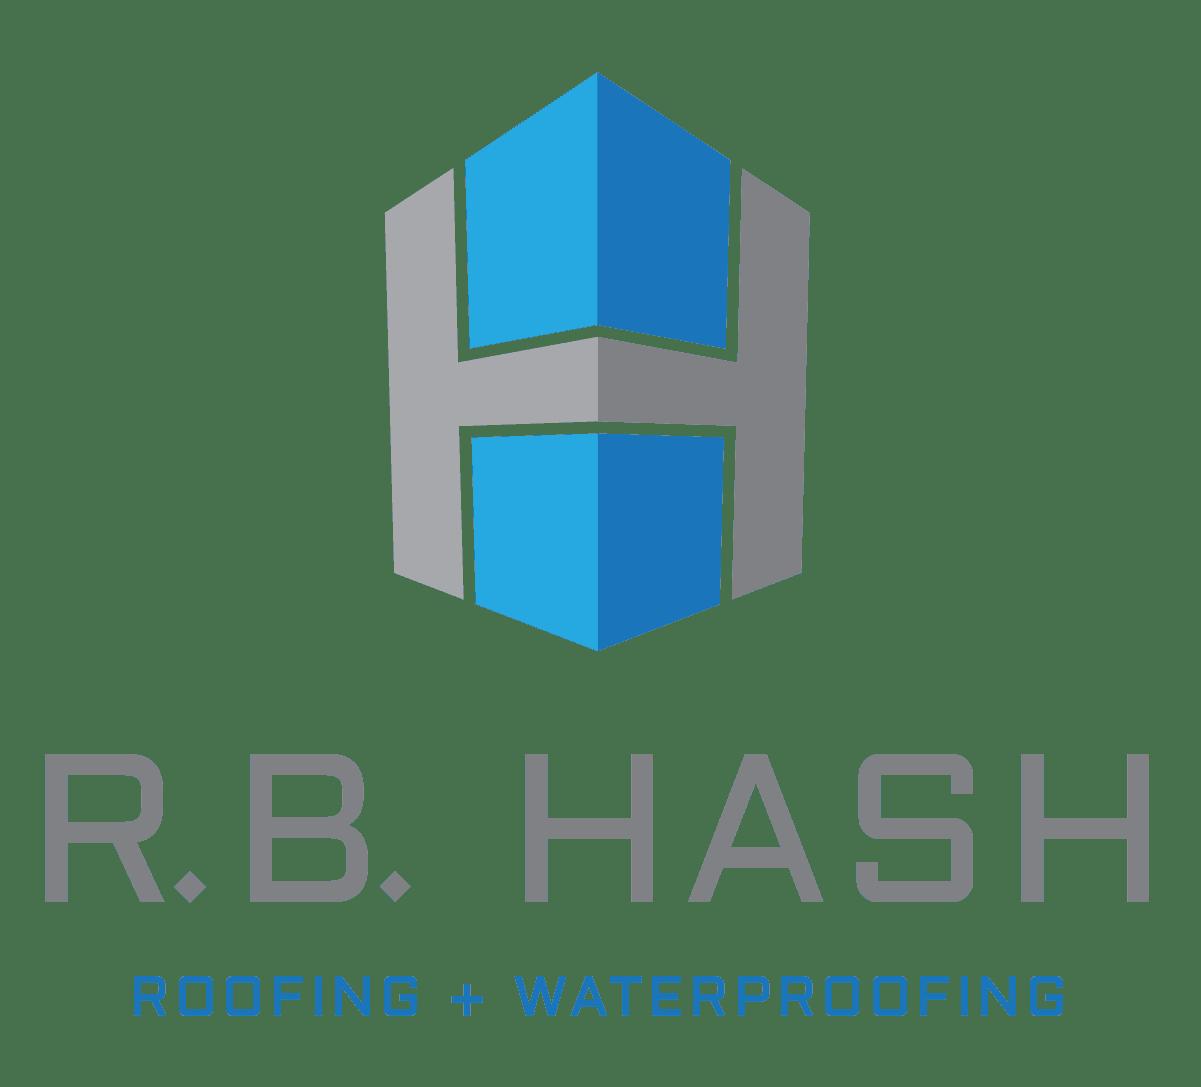 R.B. Hash Roofing + Waterproofing